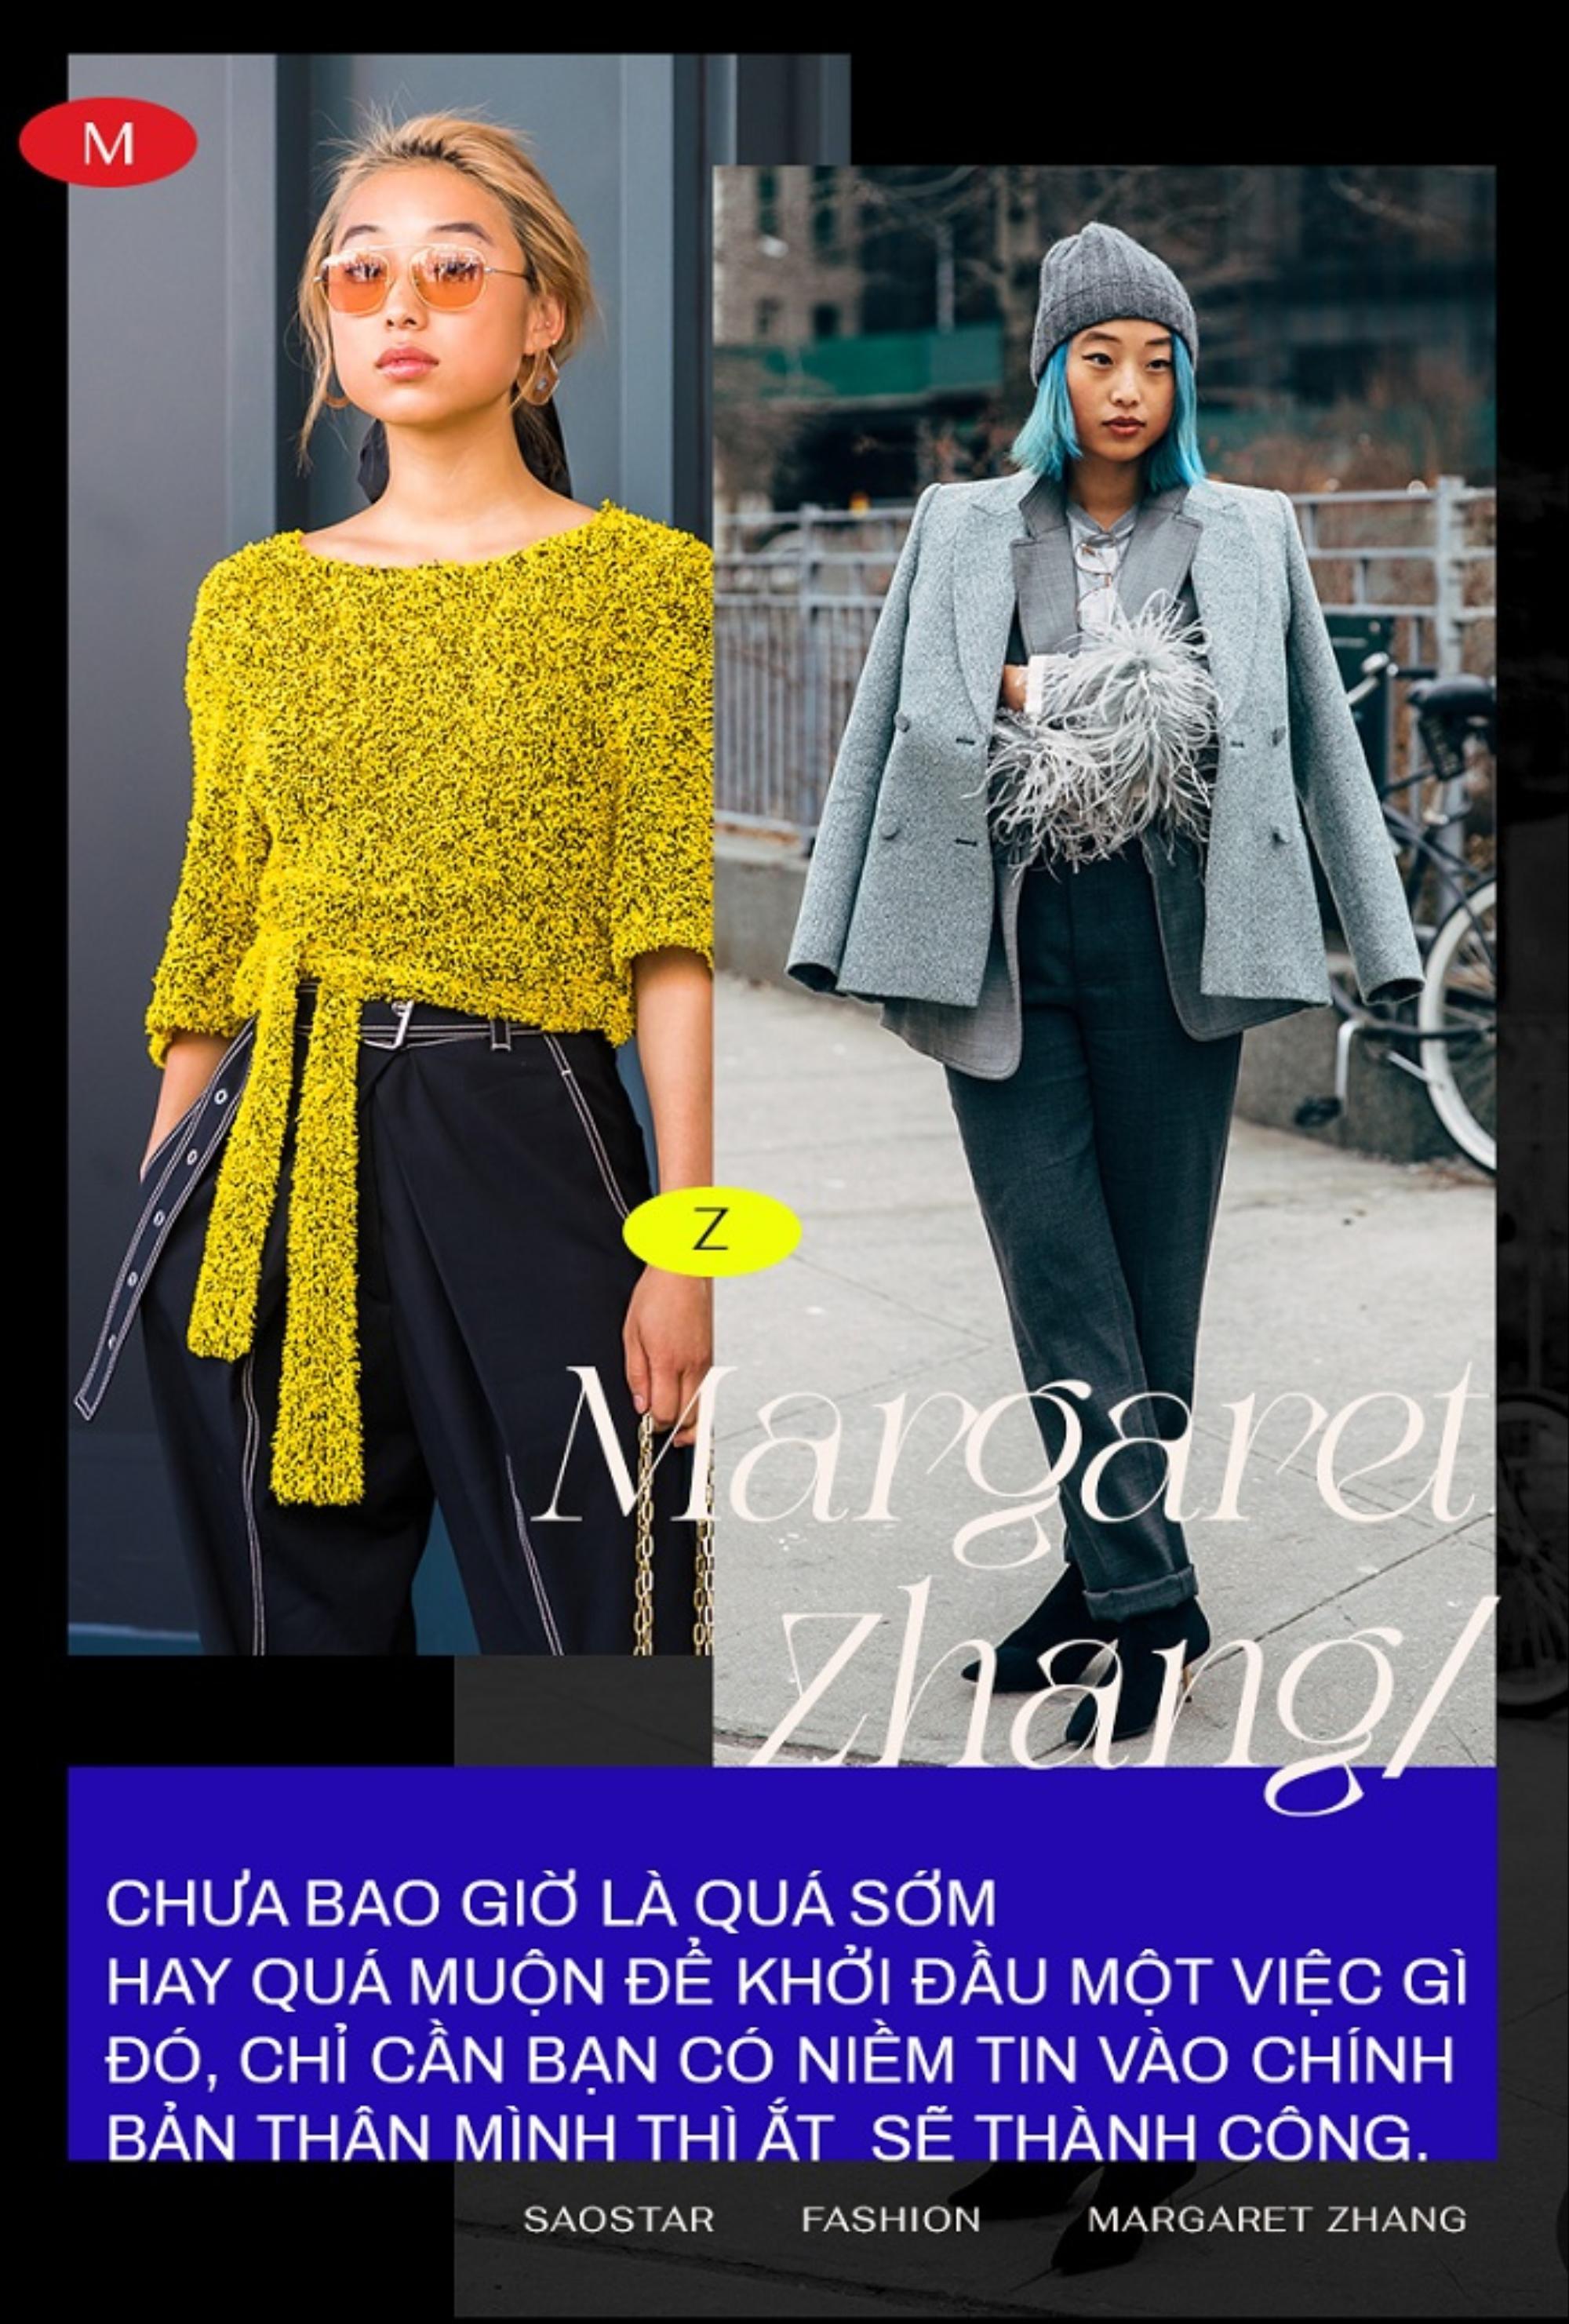 Chân dung Margaret Zhang - Tổng biên tập trẻ tuổi nhất của lịch sử tạp chí Vogue lẫy lừng Ảnh 15